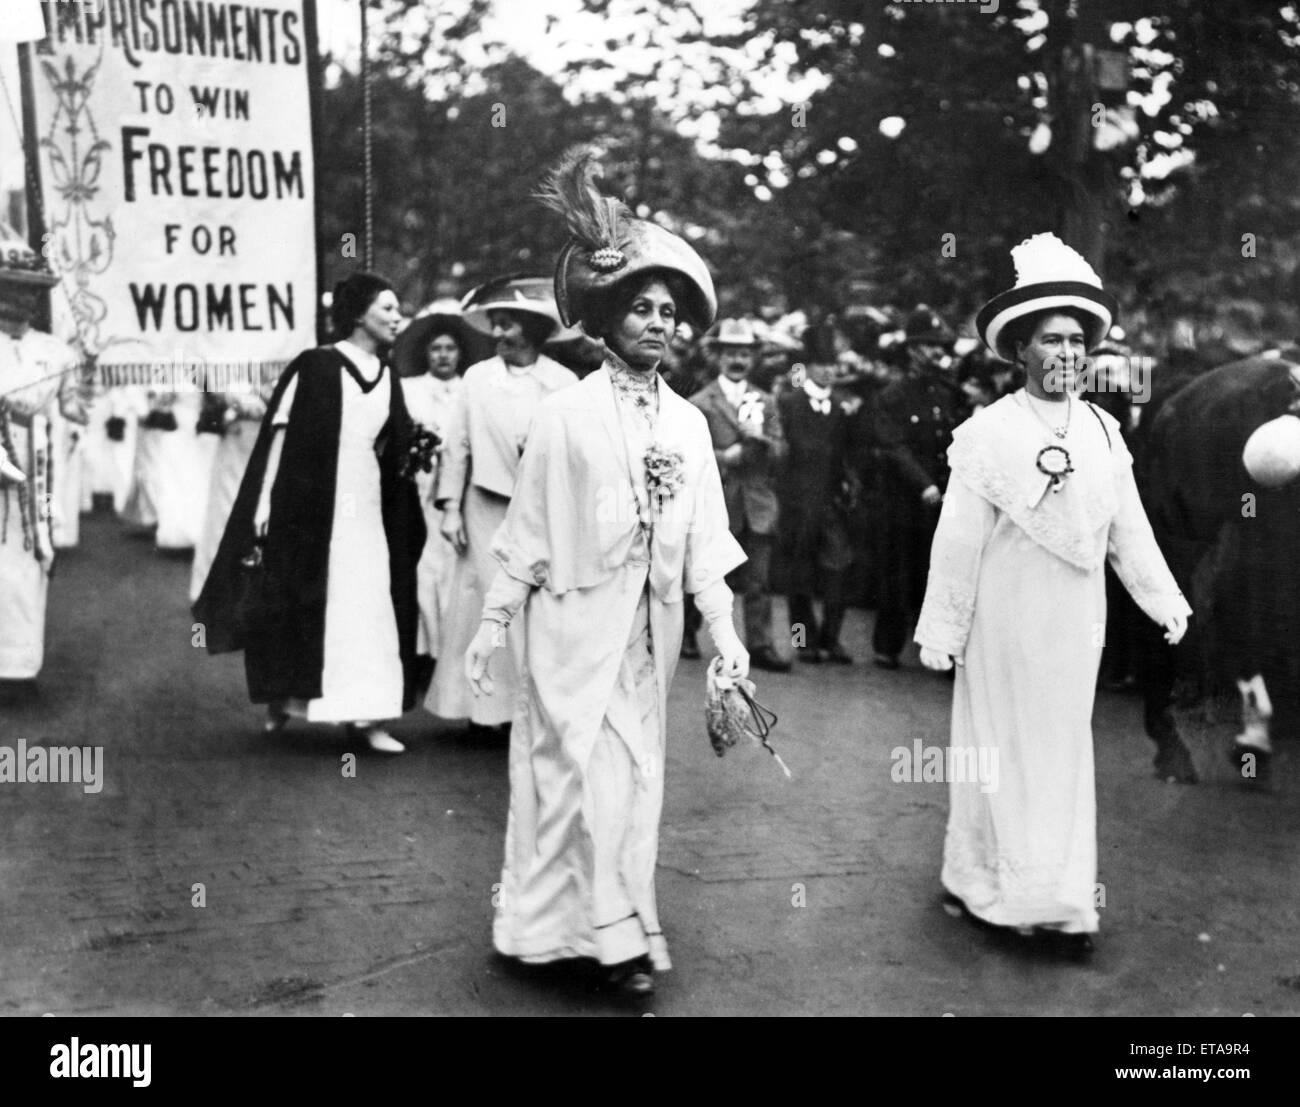 Señora Pethick-Lawrence (derecha) y la señora Pankhurst llevar una demostración, Suffragette Christabel Pankhurst (en blanco y negro) sigue detrás de su madre. Circa 1910. Foto de stock